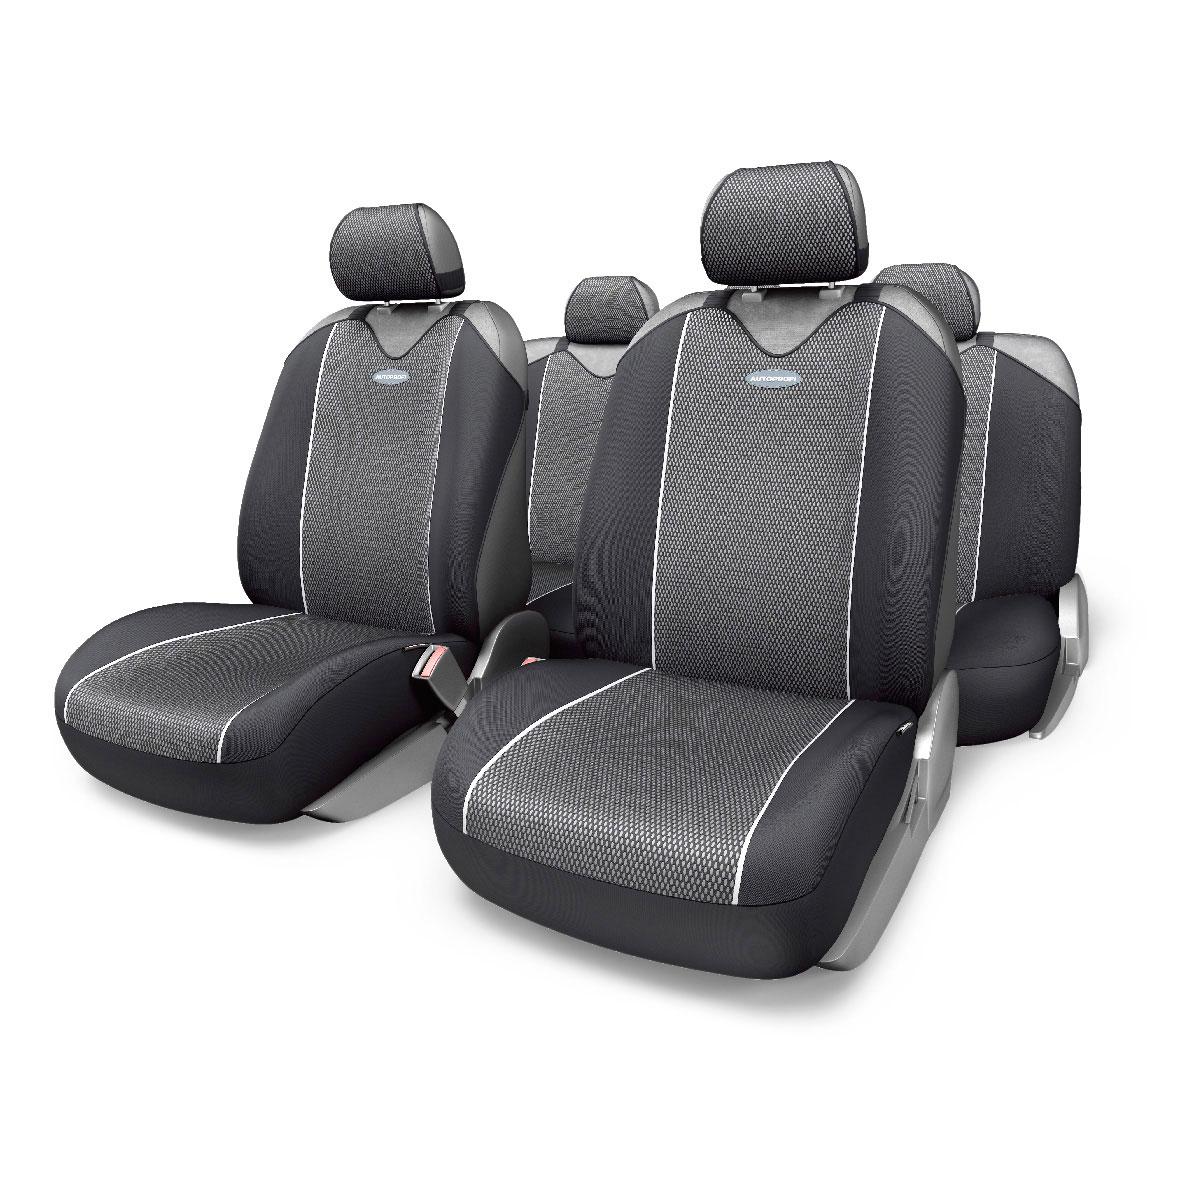 Чехлы-майки Autoprofi Carbon Plus Zippers, цвет: черный, серый, 9 предметов цена